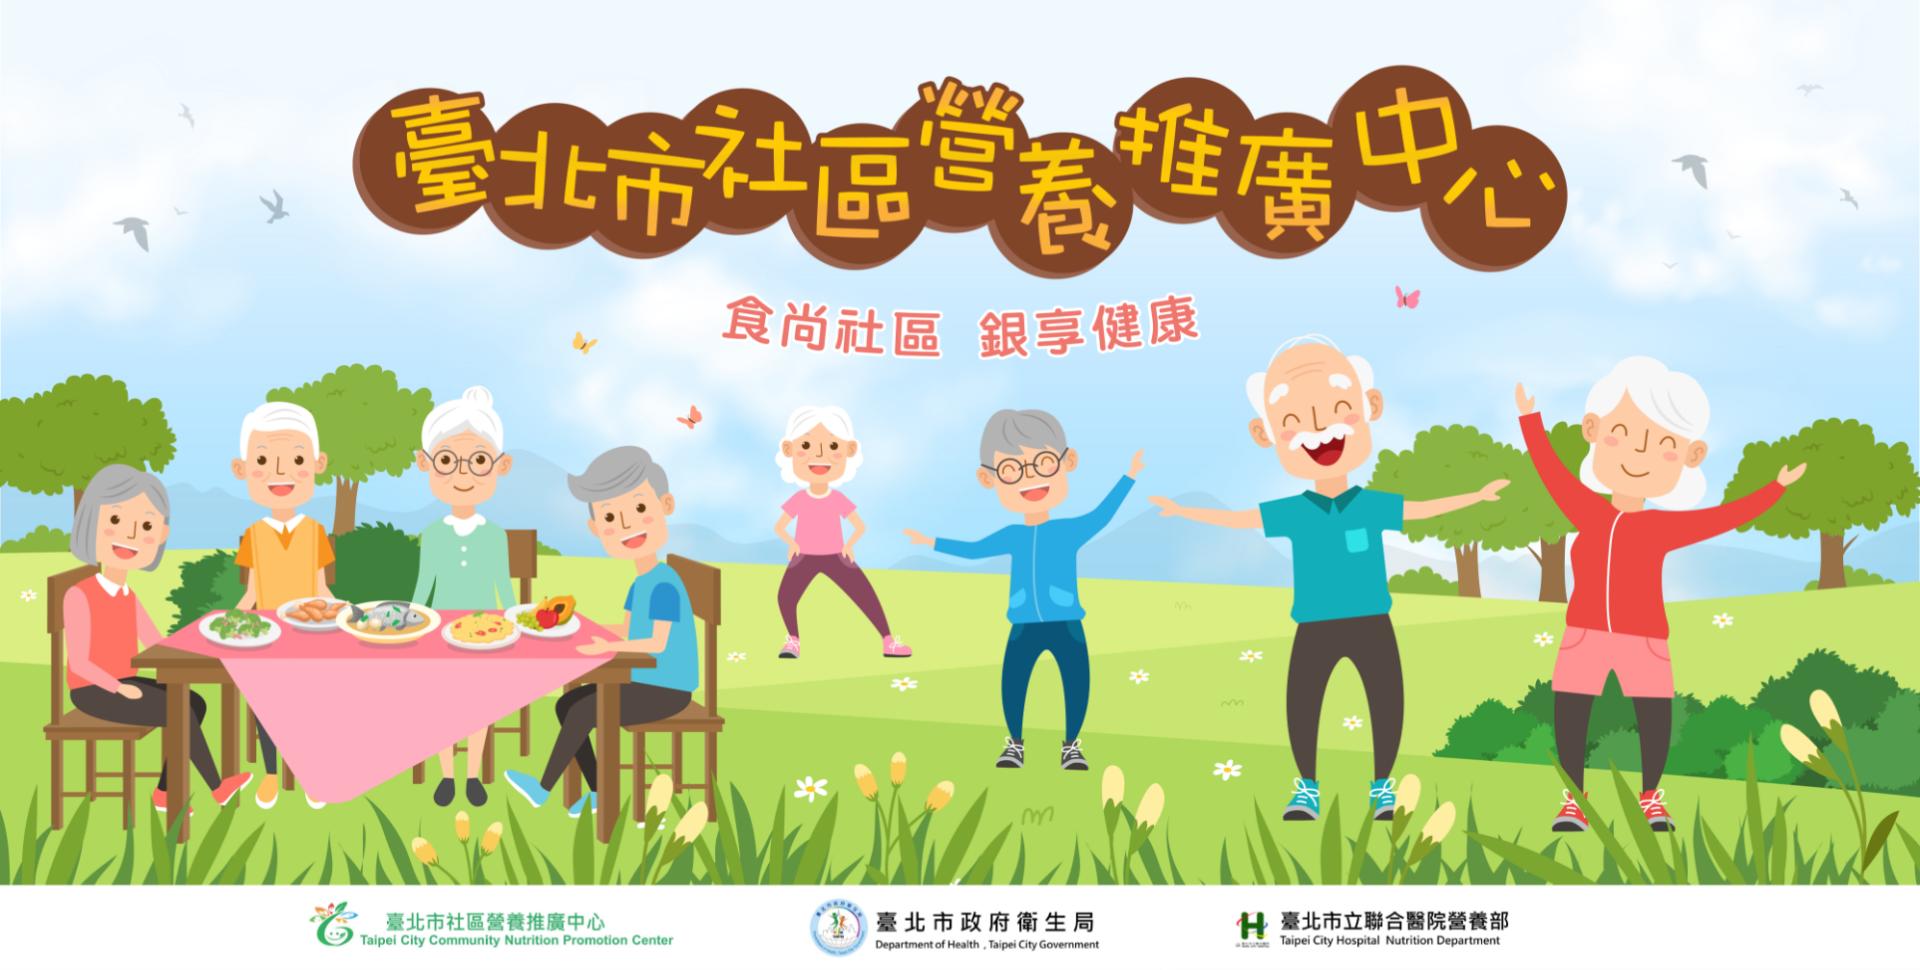 臺北市社區營養推廣中心